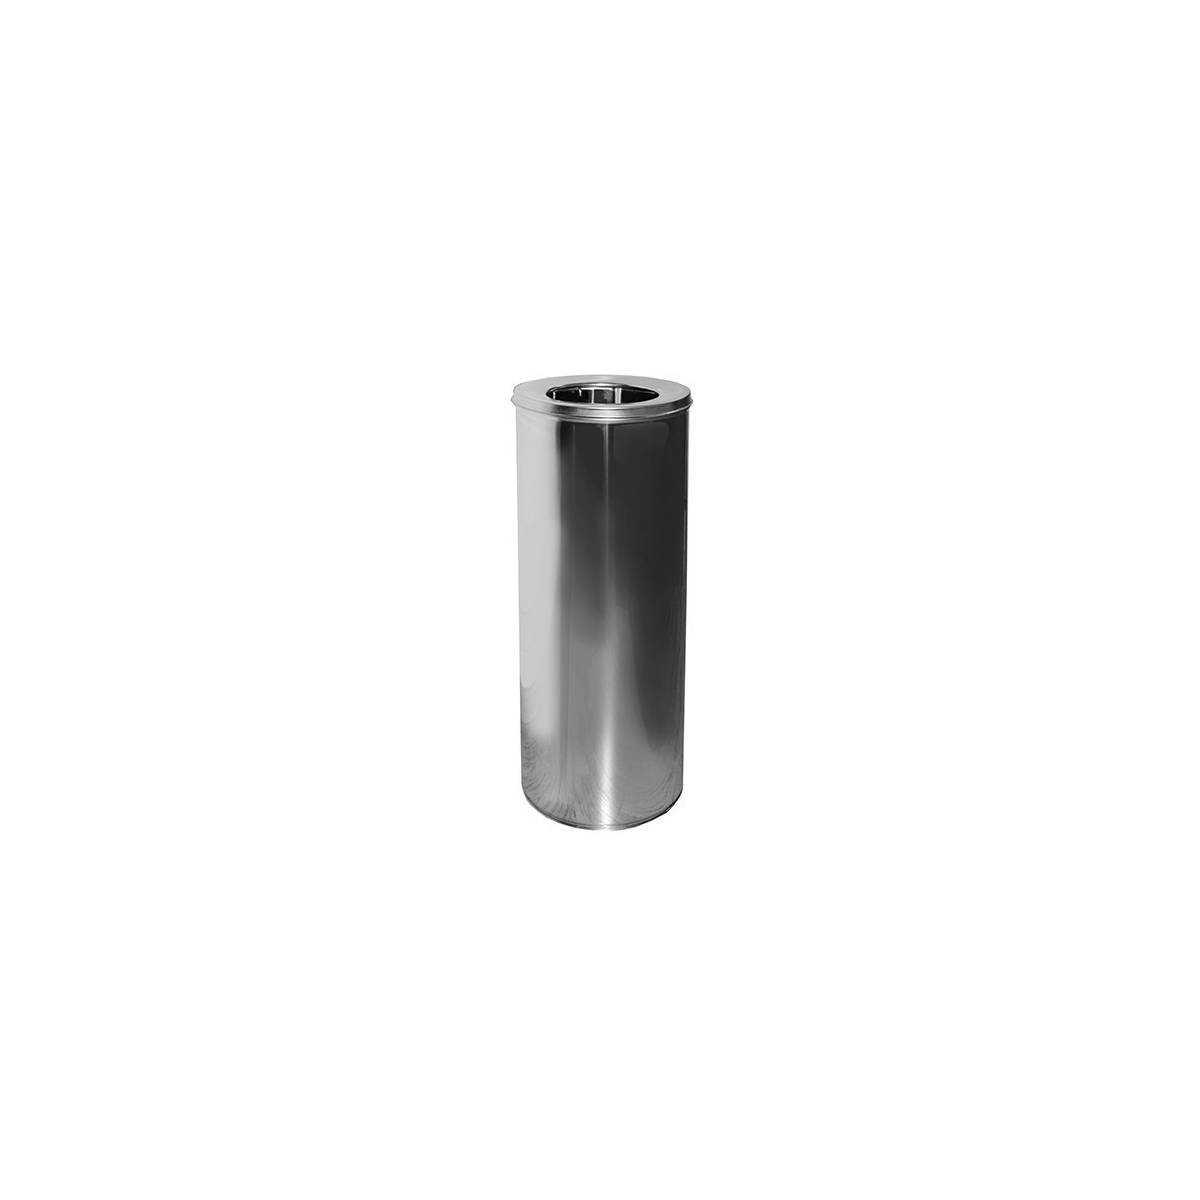 Урна для мусора 25л R-LINE с крышкой и держателем мешка (M 825C) M-825C Атма